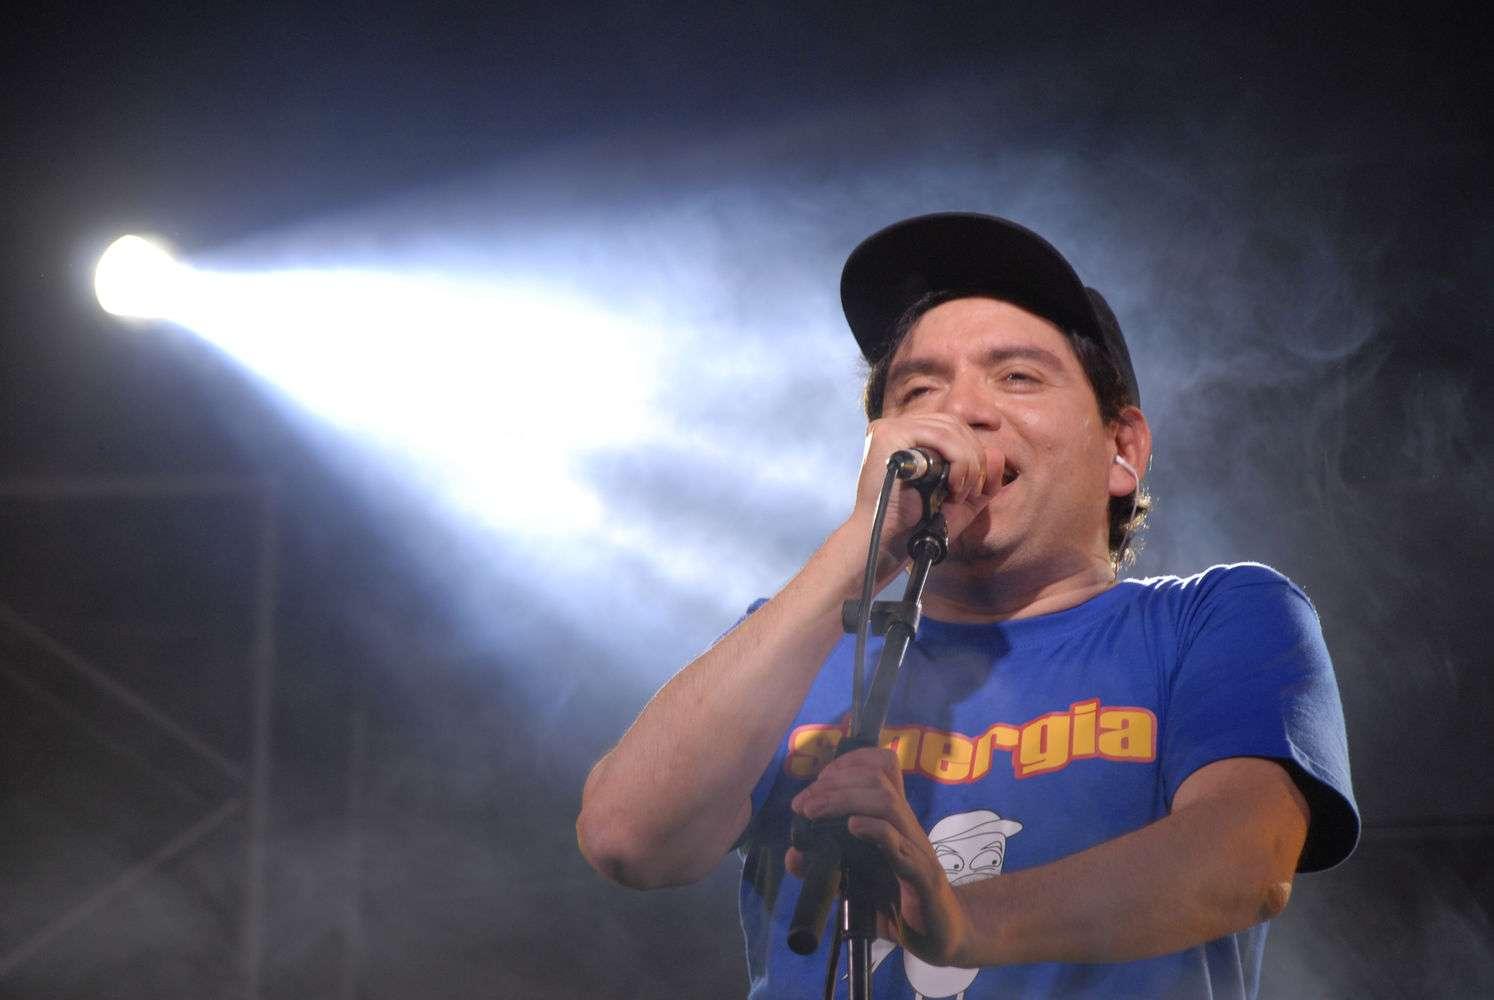 """En el disco """"22 éxitos pajarones"""" destacan temas como """"Mujer robusta"""" y """"Mi señora"""". Foto: UPI"""